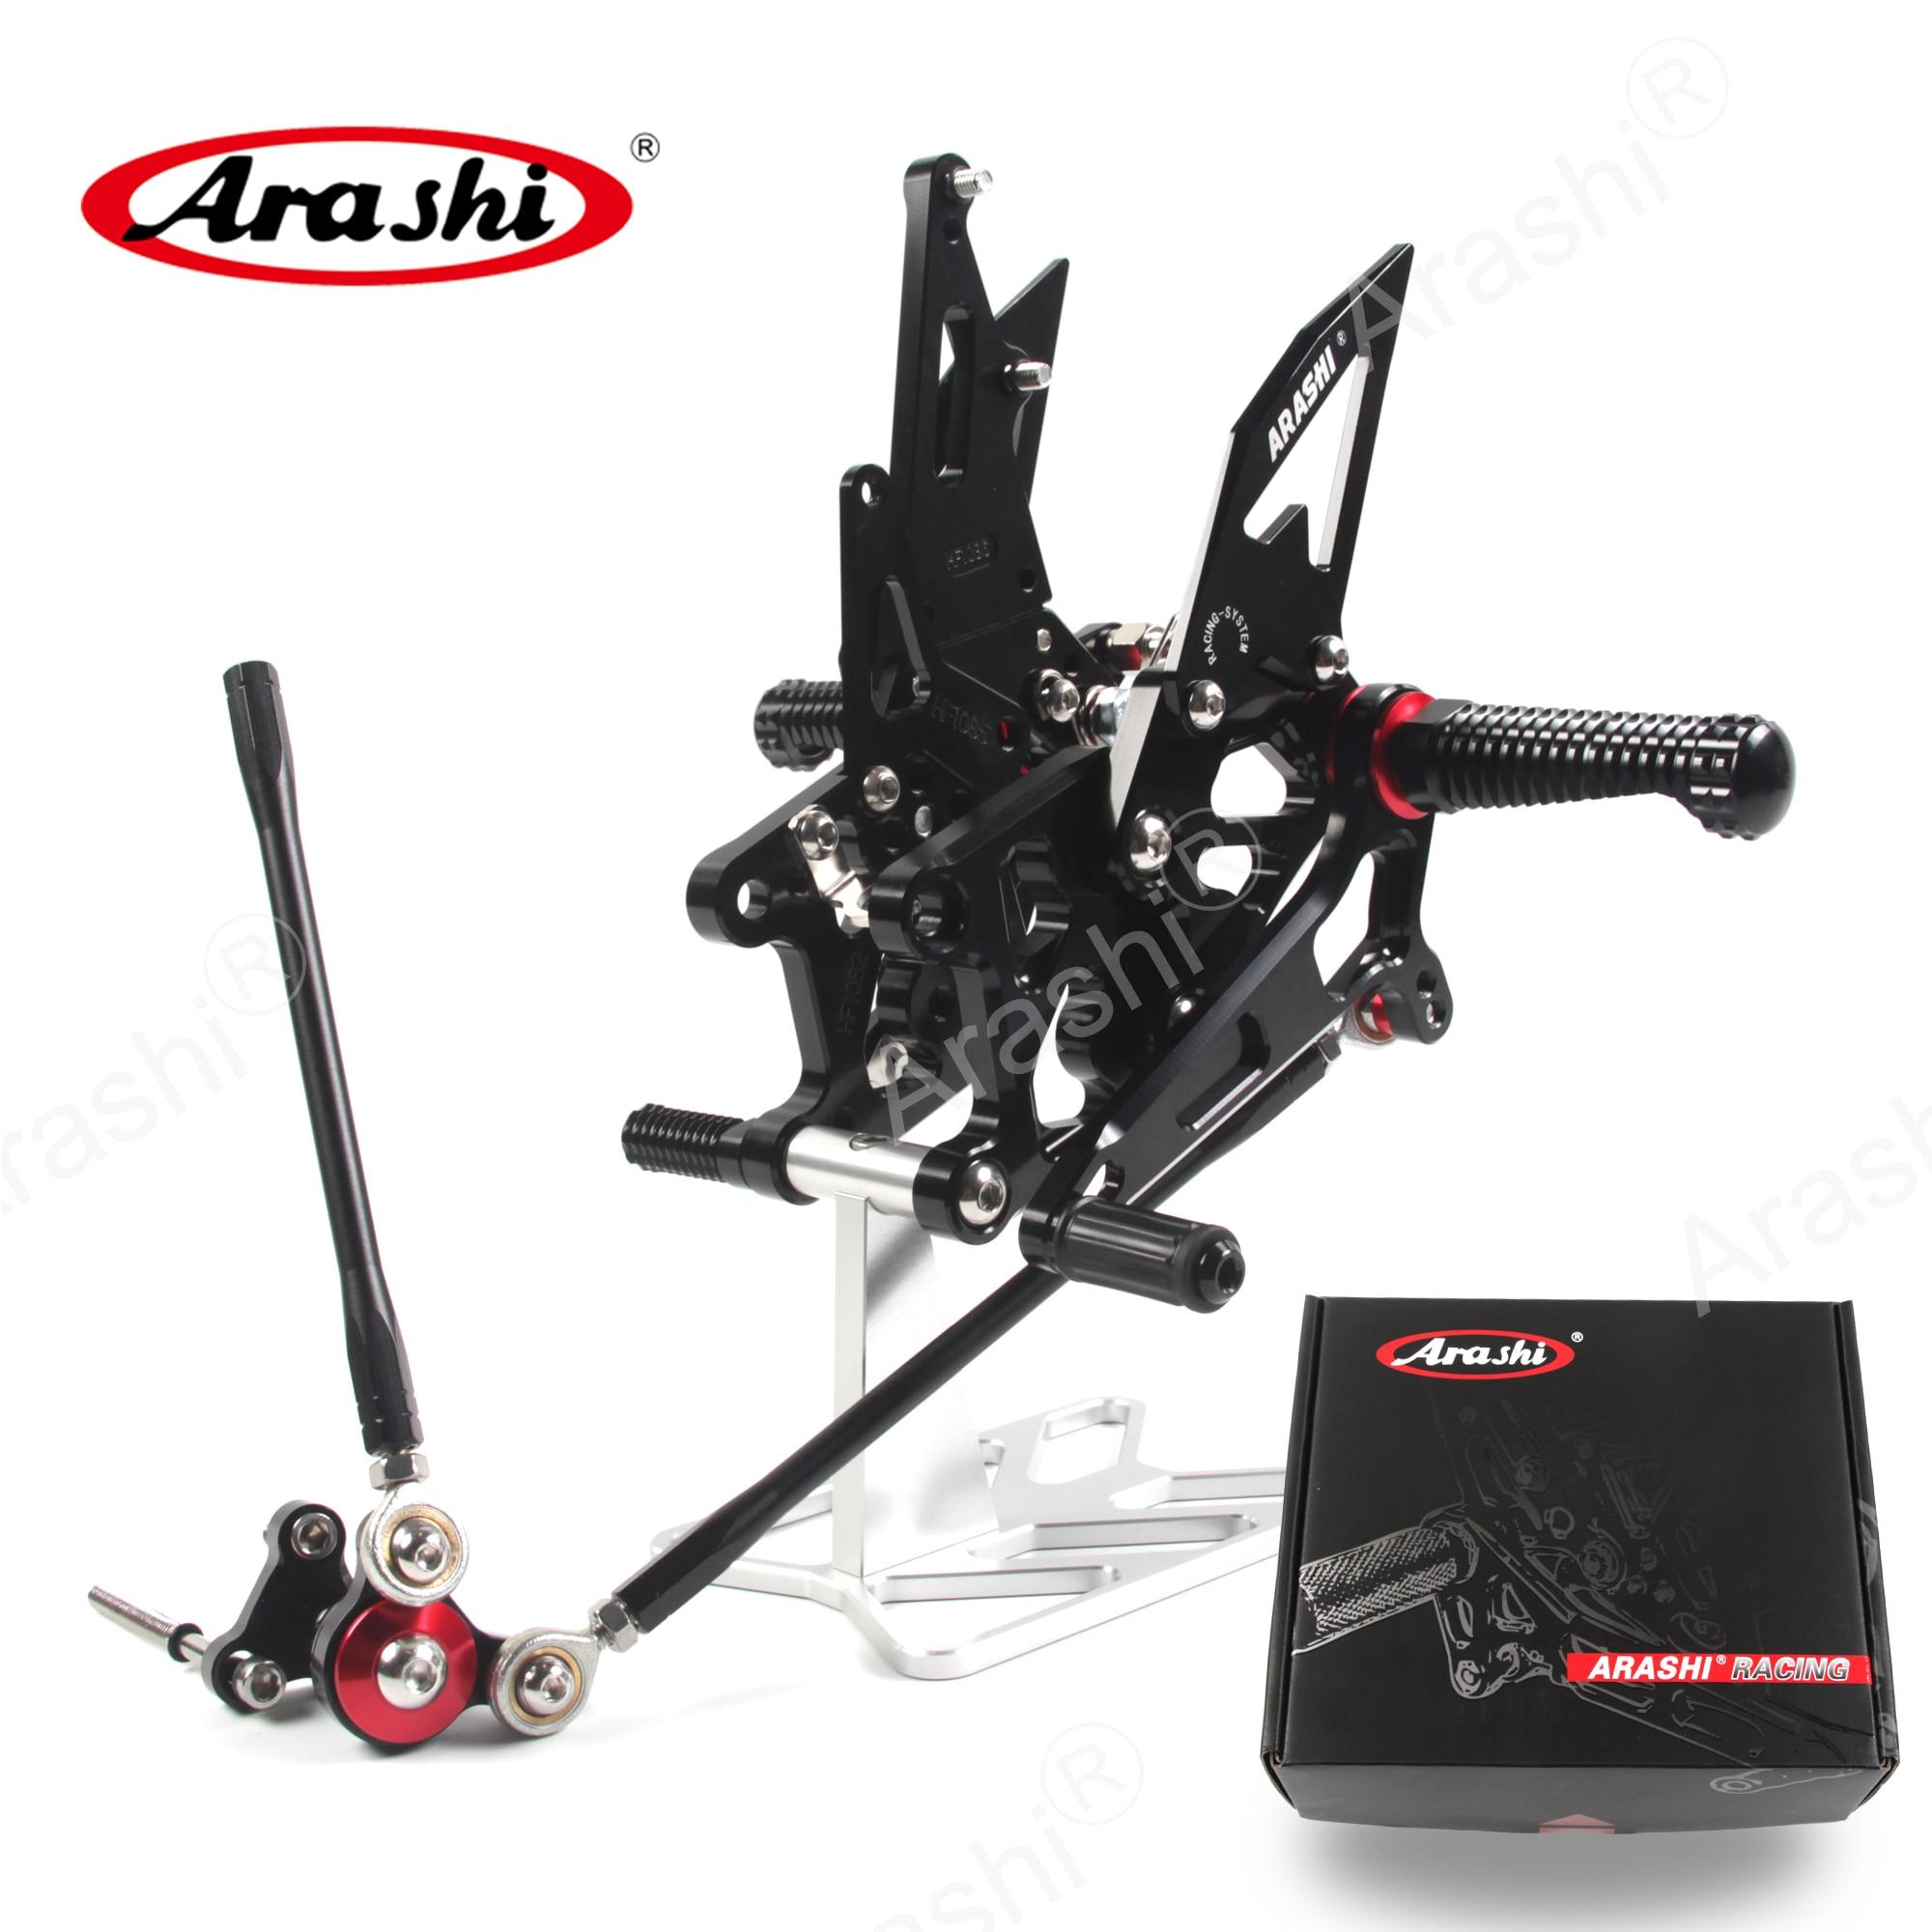 Arashi CNC Adjustable Footrest For HONDA CBR600RR 2009 - 2016 Rider Foot Pegs Rearset CBR600 CBR 600 RR 2013 2014 2015 2016